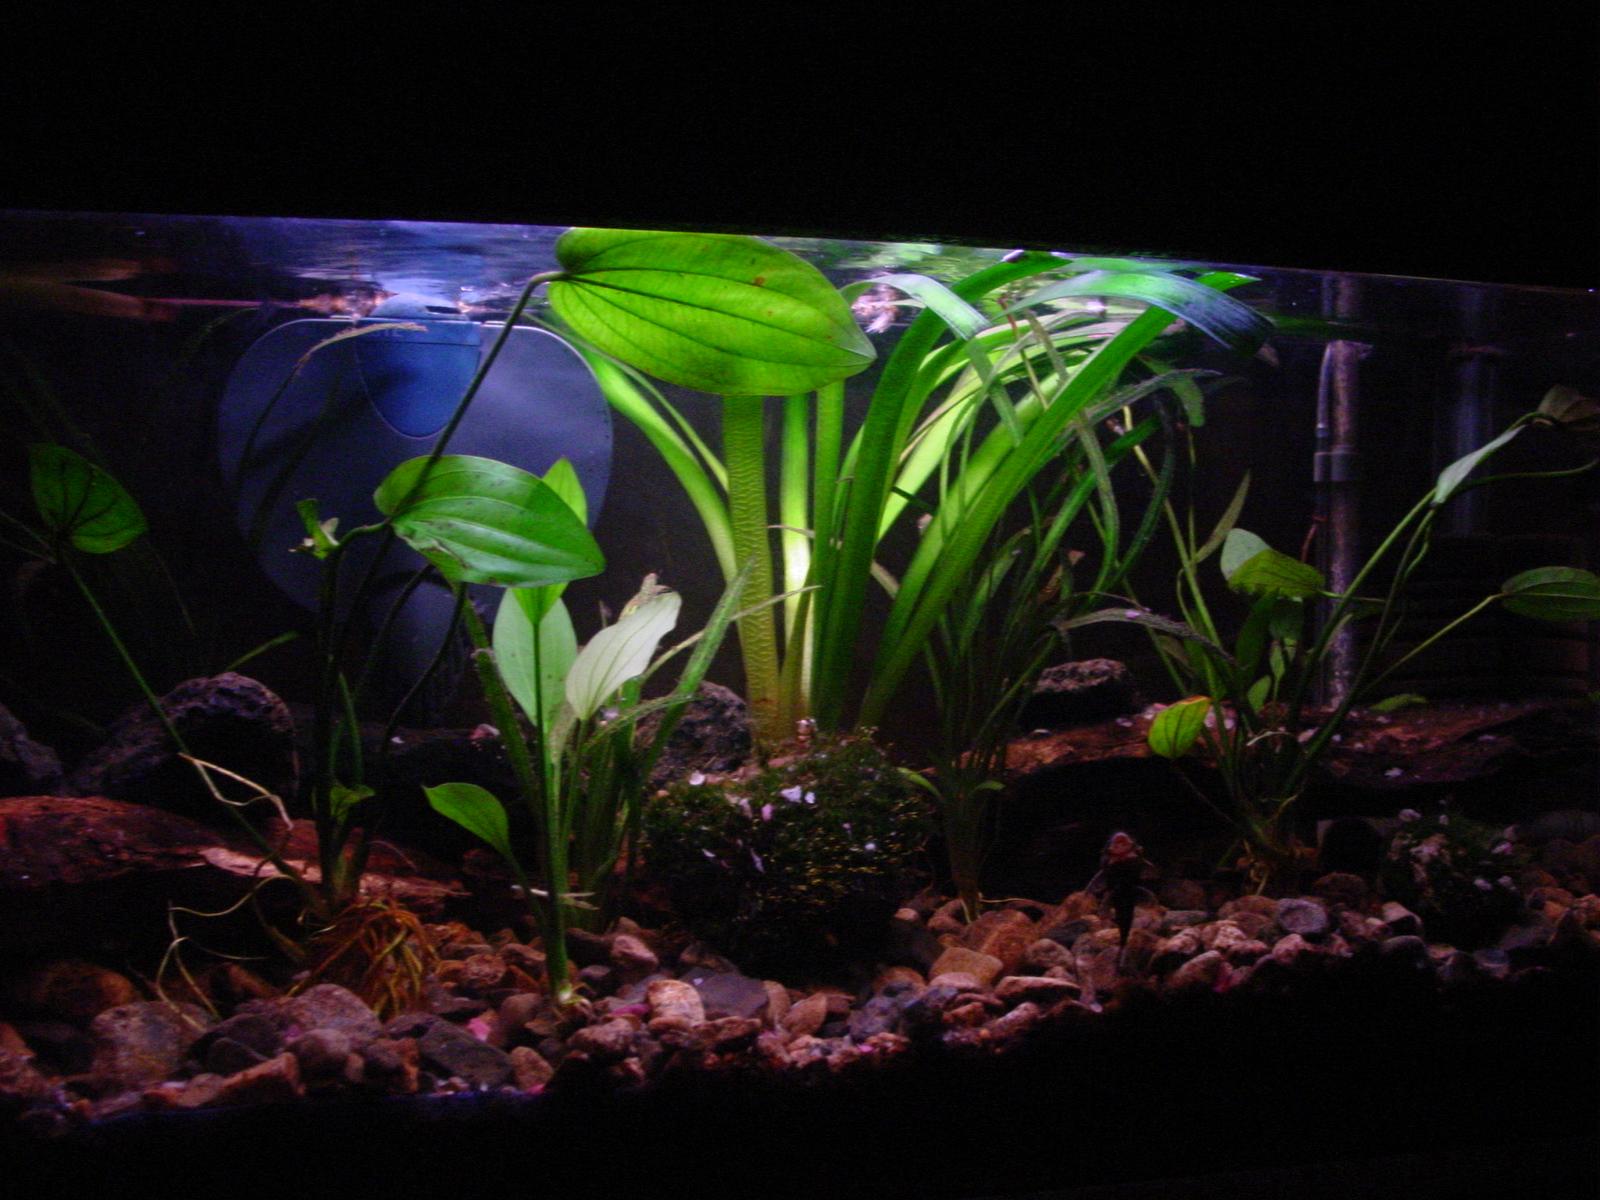 My Planted Aquarium Imod Pictures Of Planted Aquariums aquarium